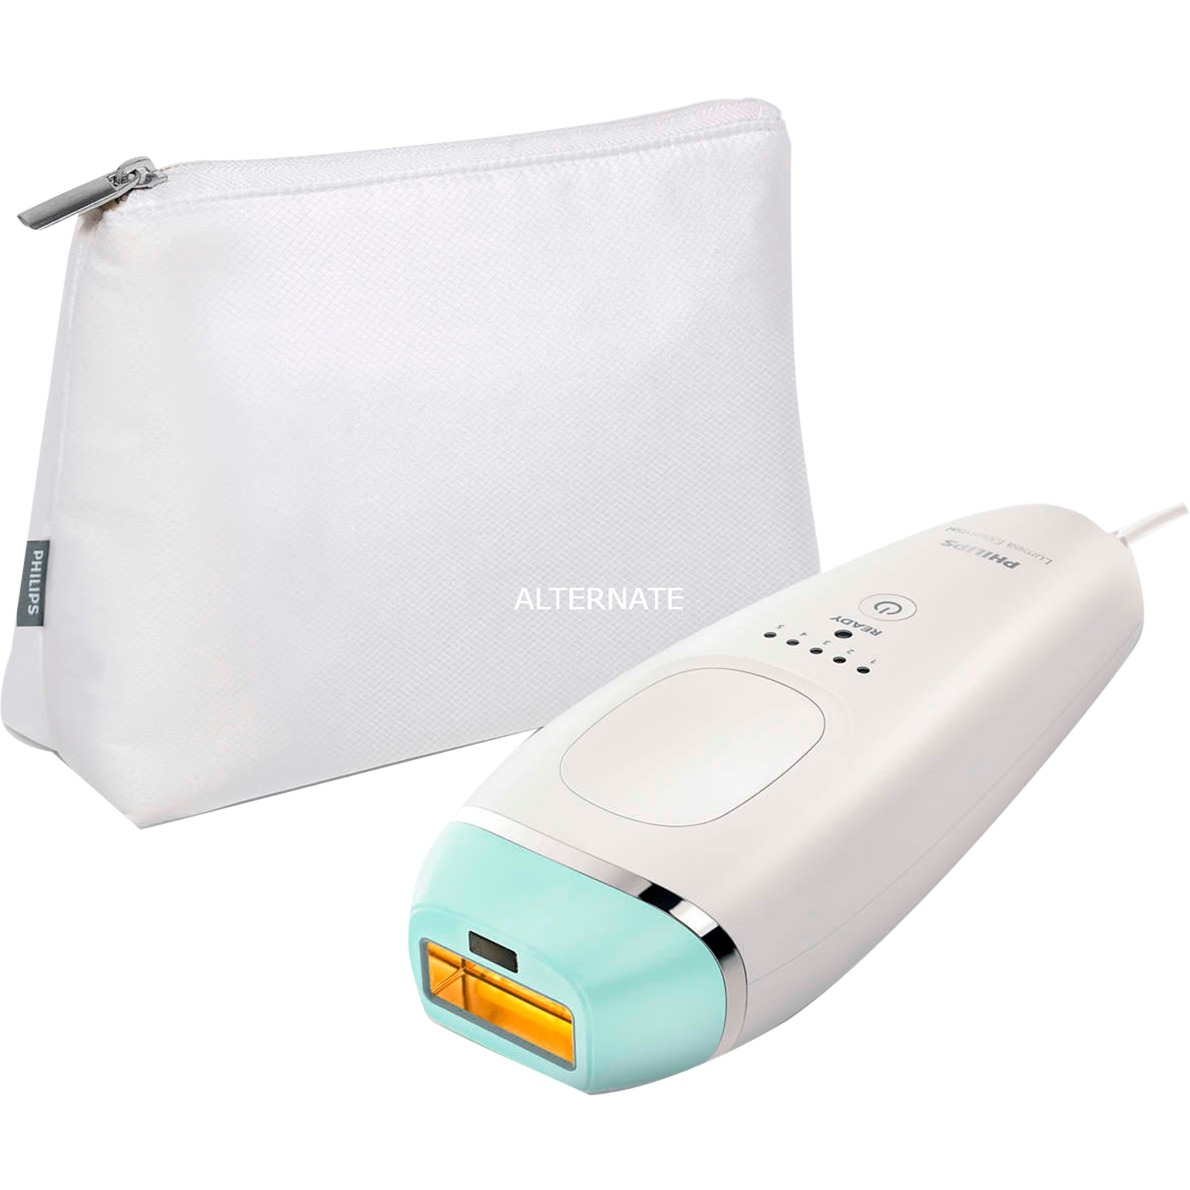 Lumea Essential Dispositivo de depilación IPL BRI862/00, Depiladores